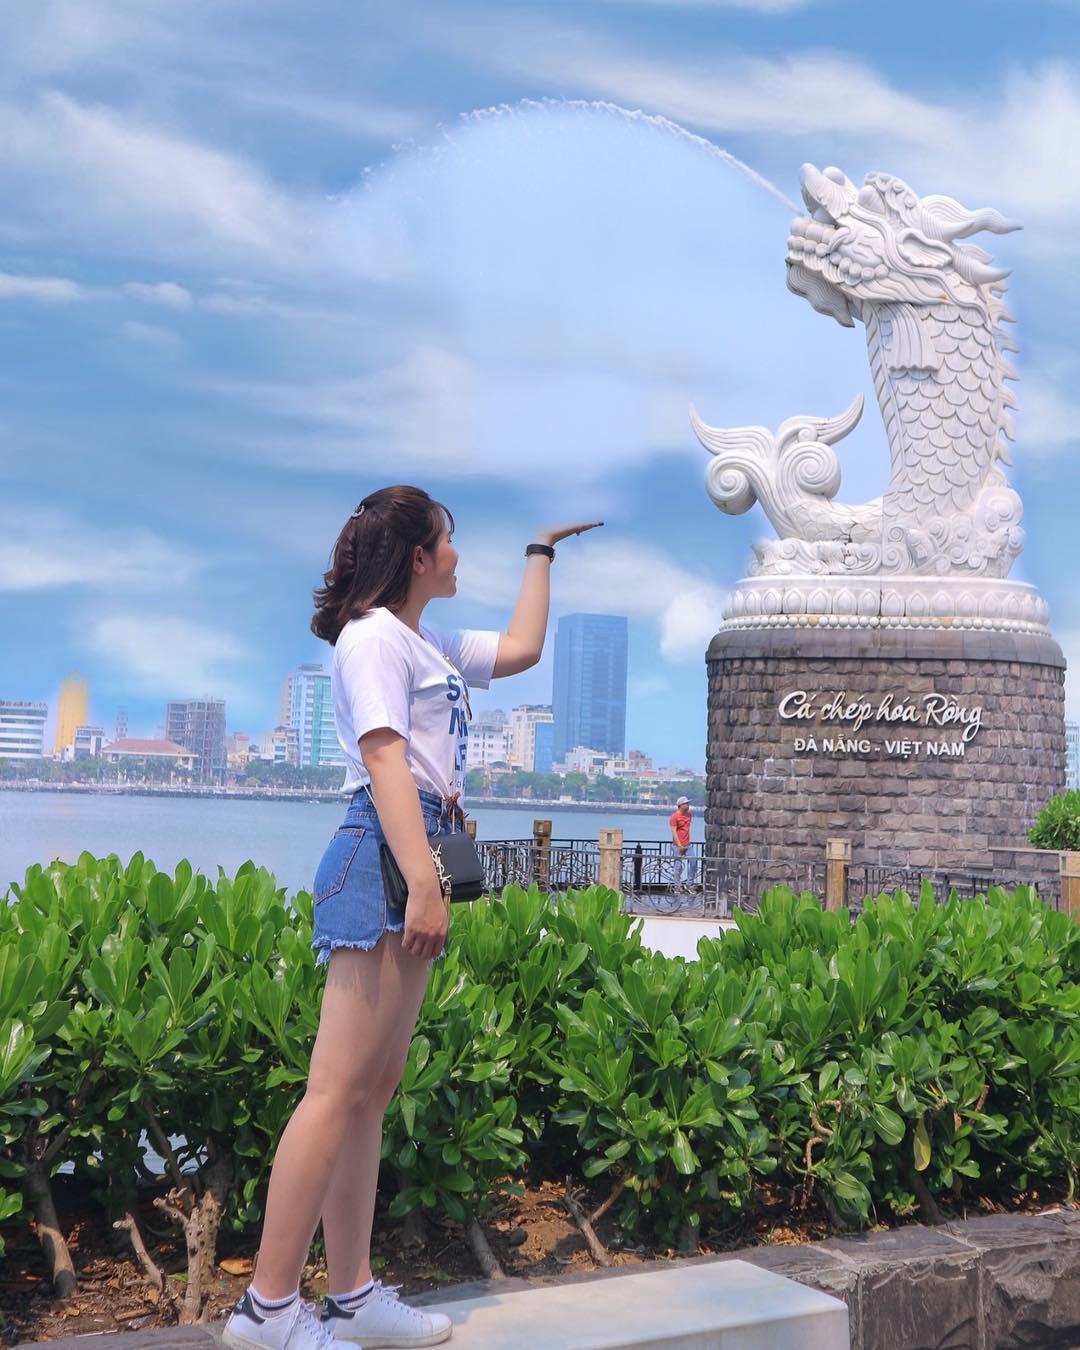 """Chỉ với 2 tọa độ cực phẩm này, Đà Nẵng đích thị là """"Singapore thu nhỏ"""" giữa lòng Việt Nam chứ đâu! - Ảnh 23."""